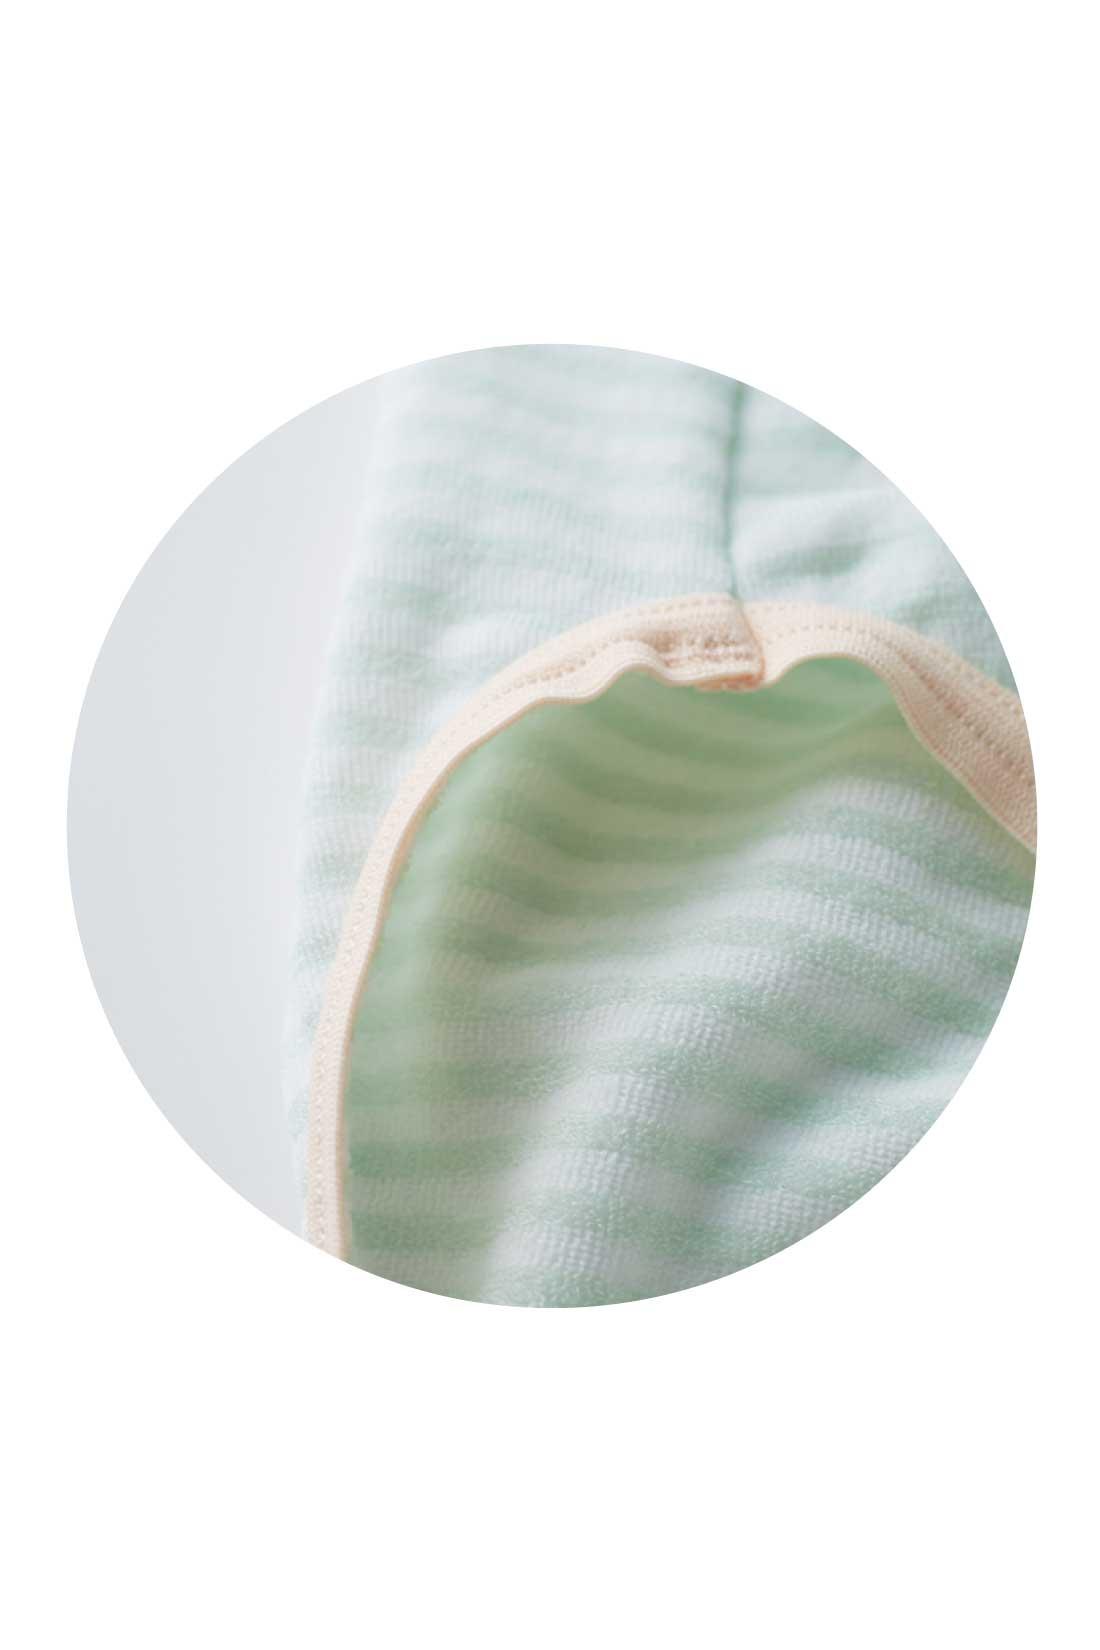 これは参考画像です。肌に当たる生地はパイルで、ふわふわなはき心地。